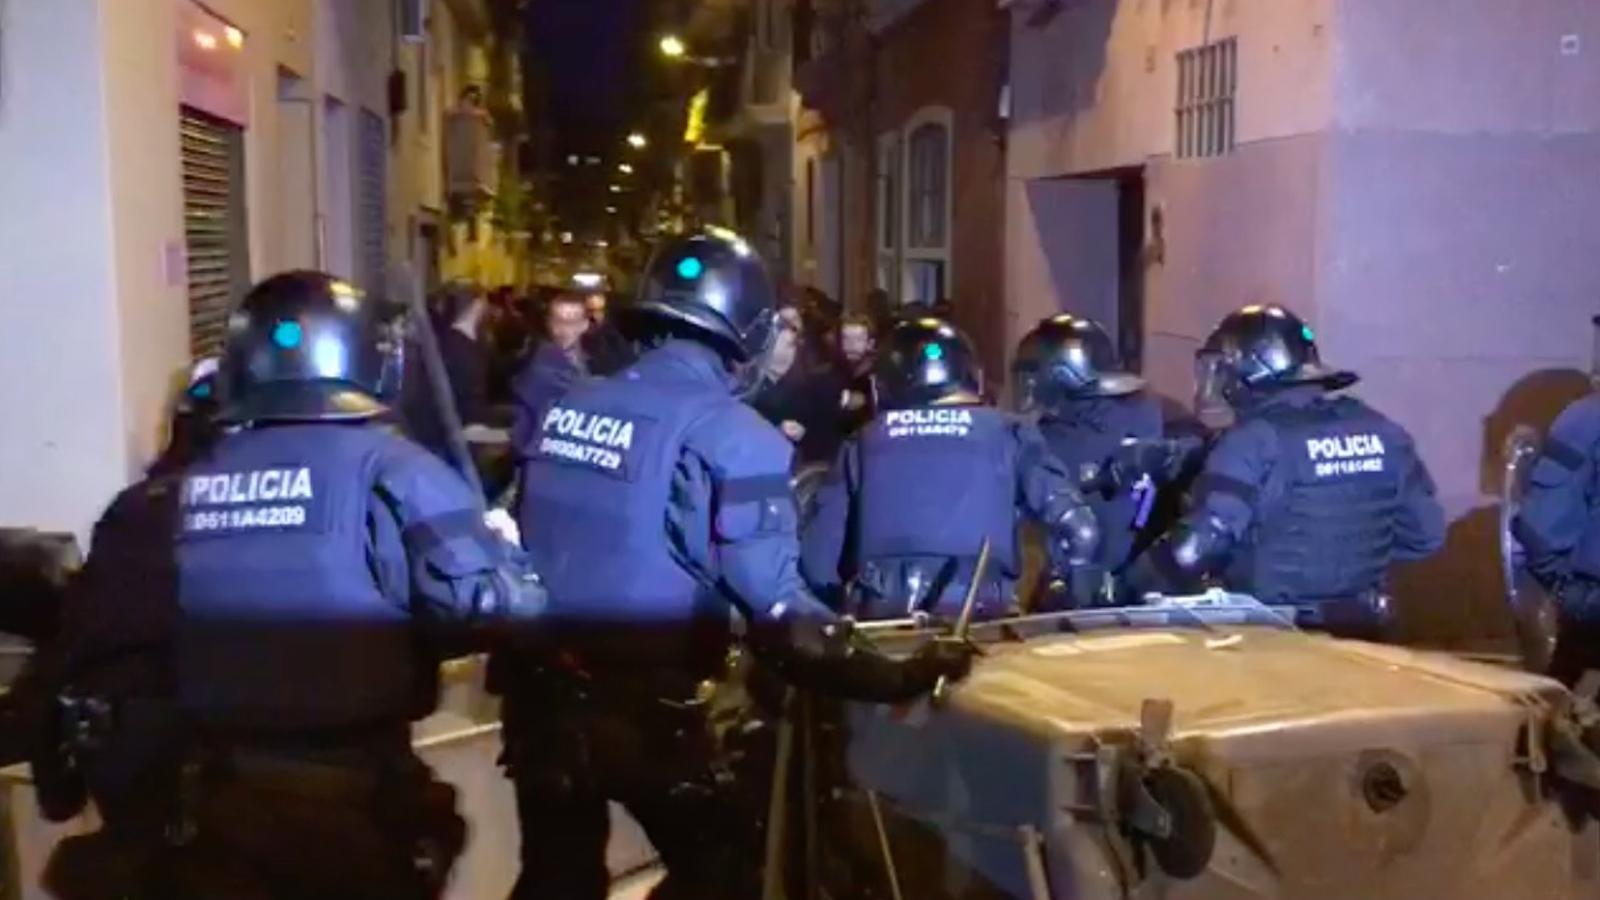 Segona nit d'avalots a Gràcia pel desallotjament del Banc Expropiat